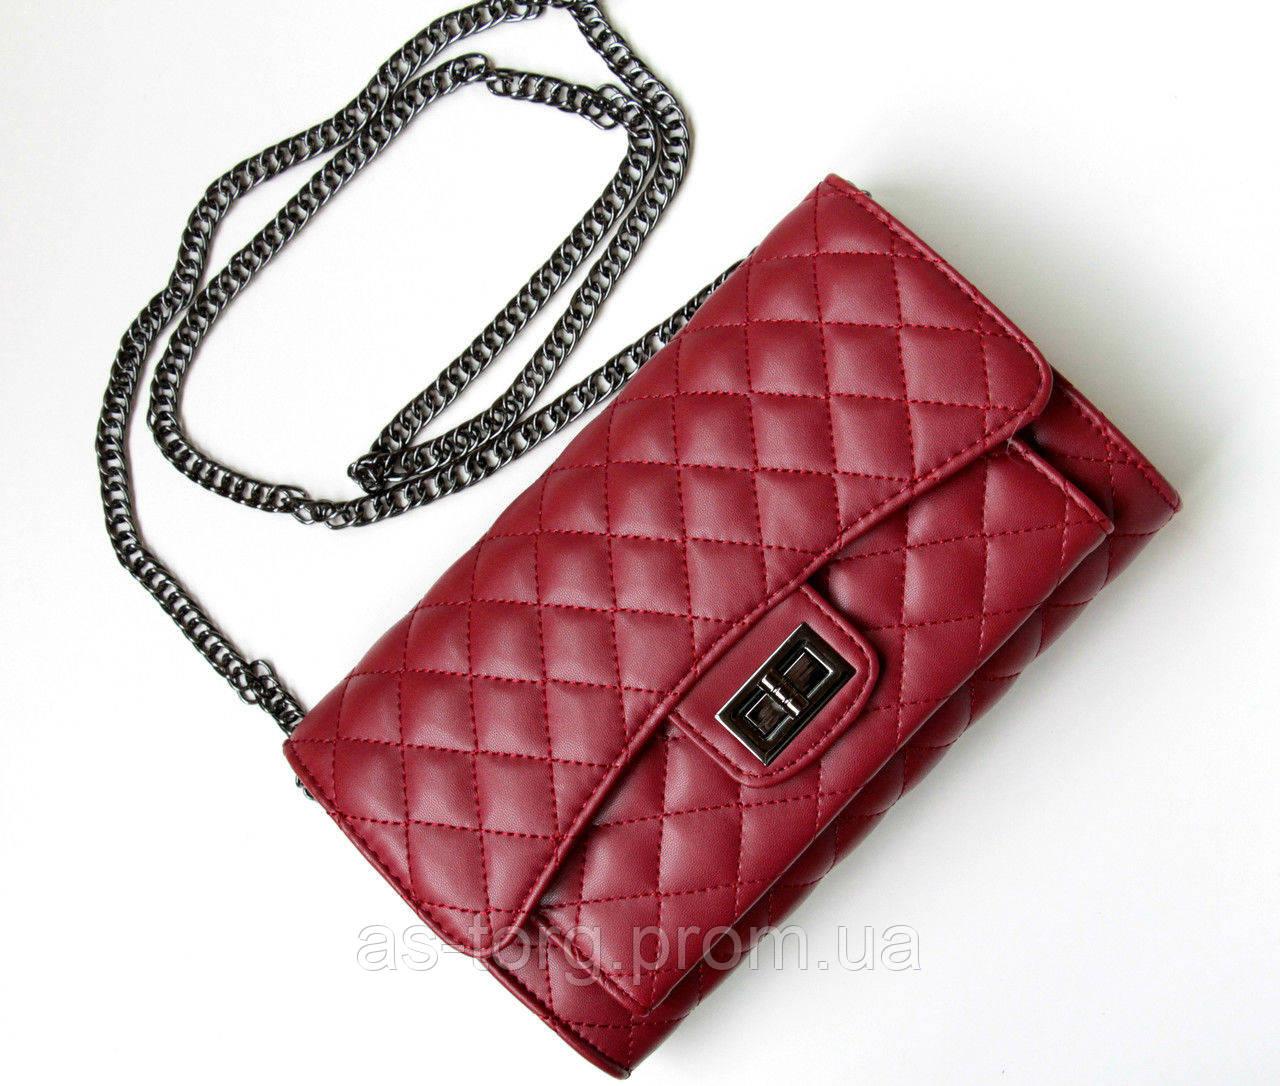 8303cbc4f3d0 Женская сумка Flap mini бордовая, сумка через плечо - Интернет-магазин